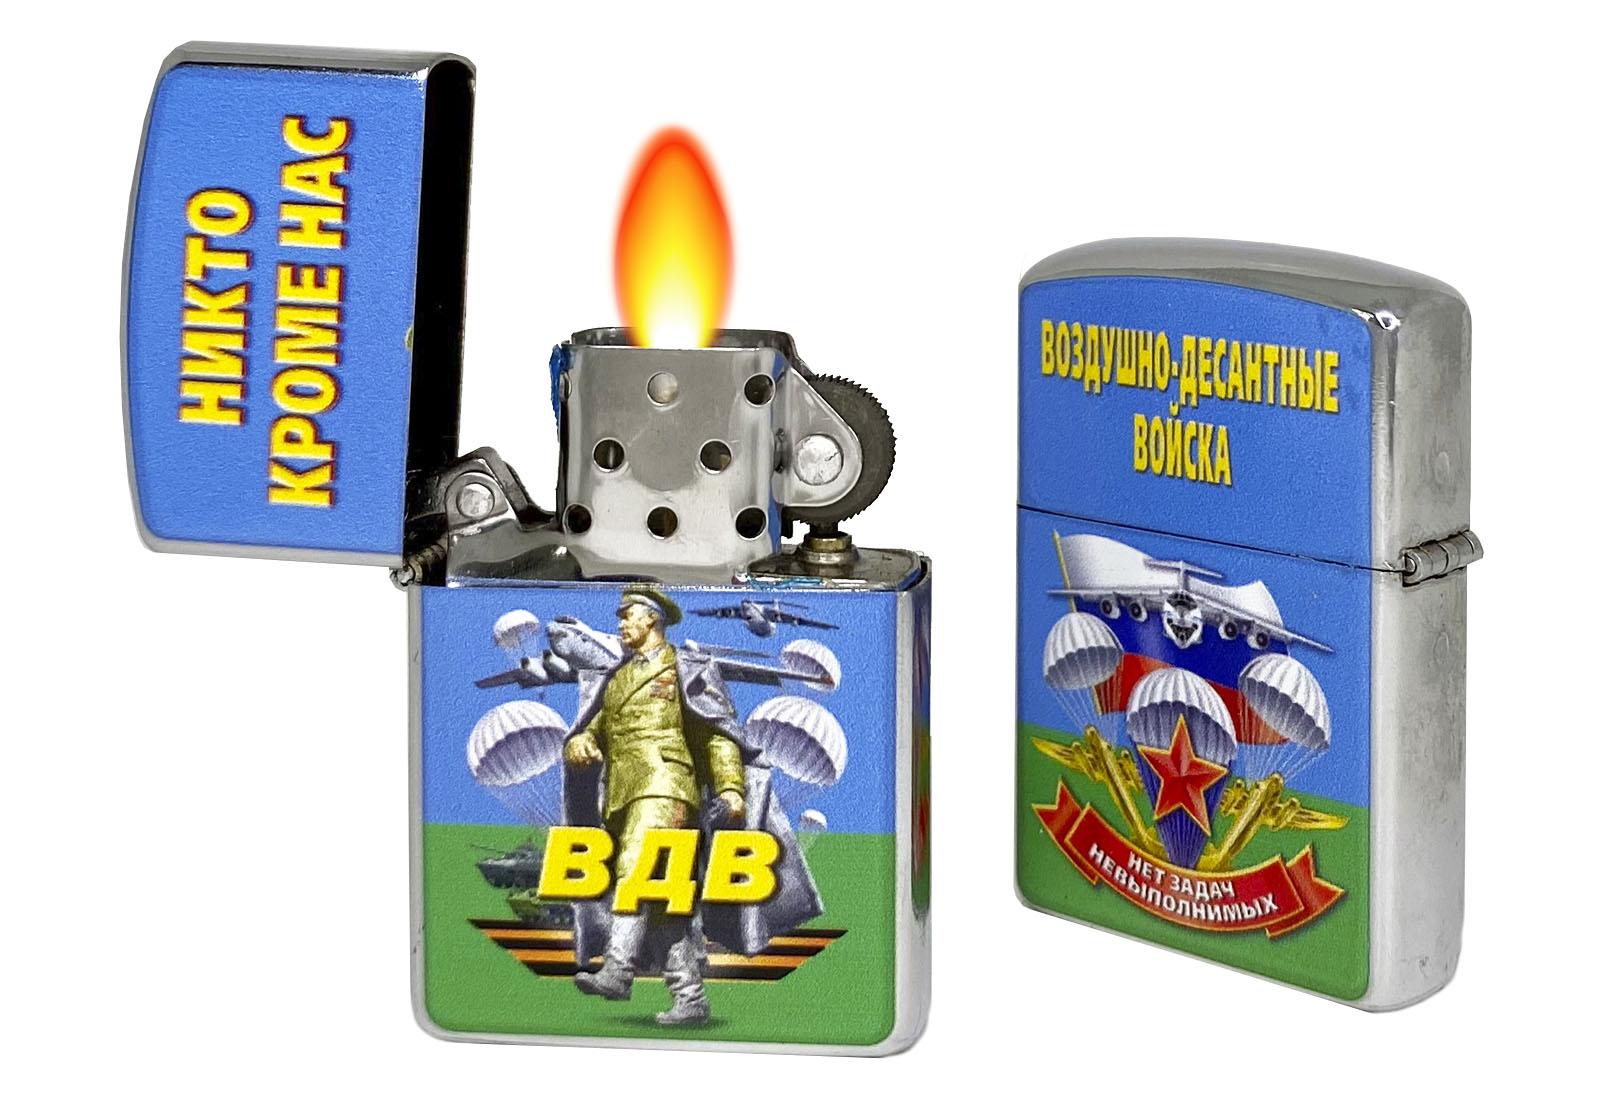 Подарочная зажигалка десантника по цене 299 рублей